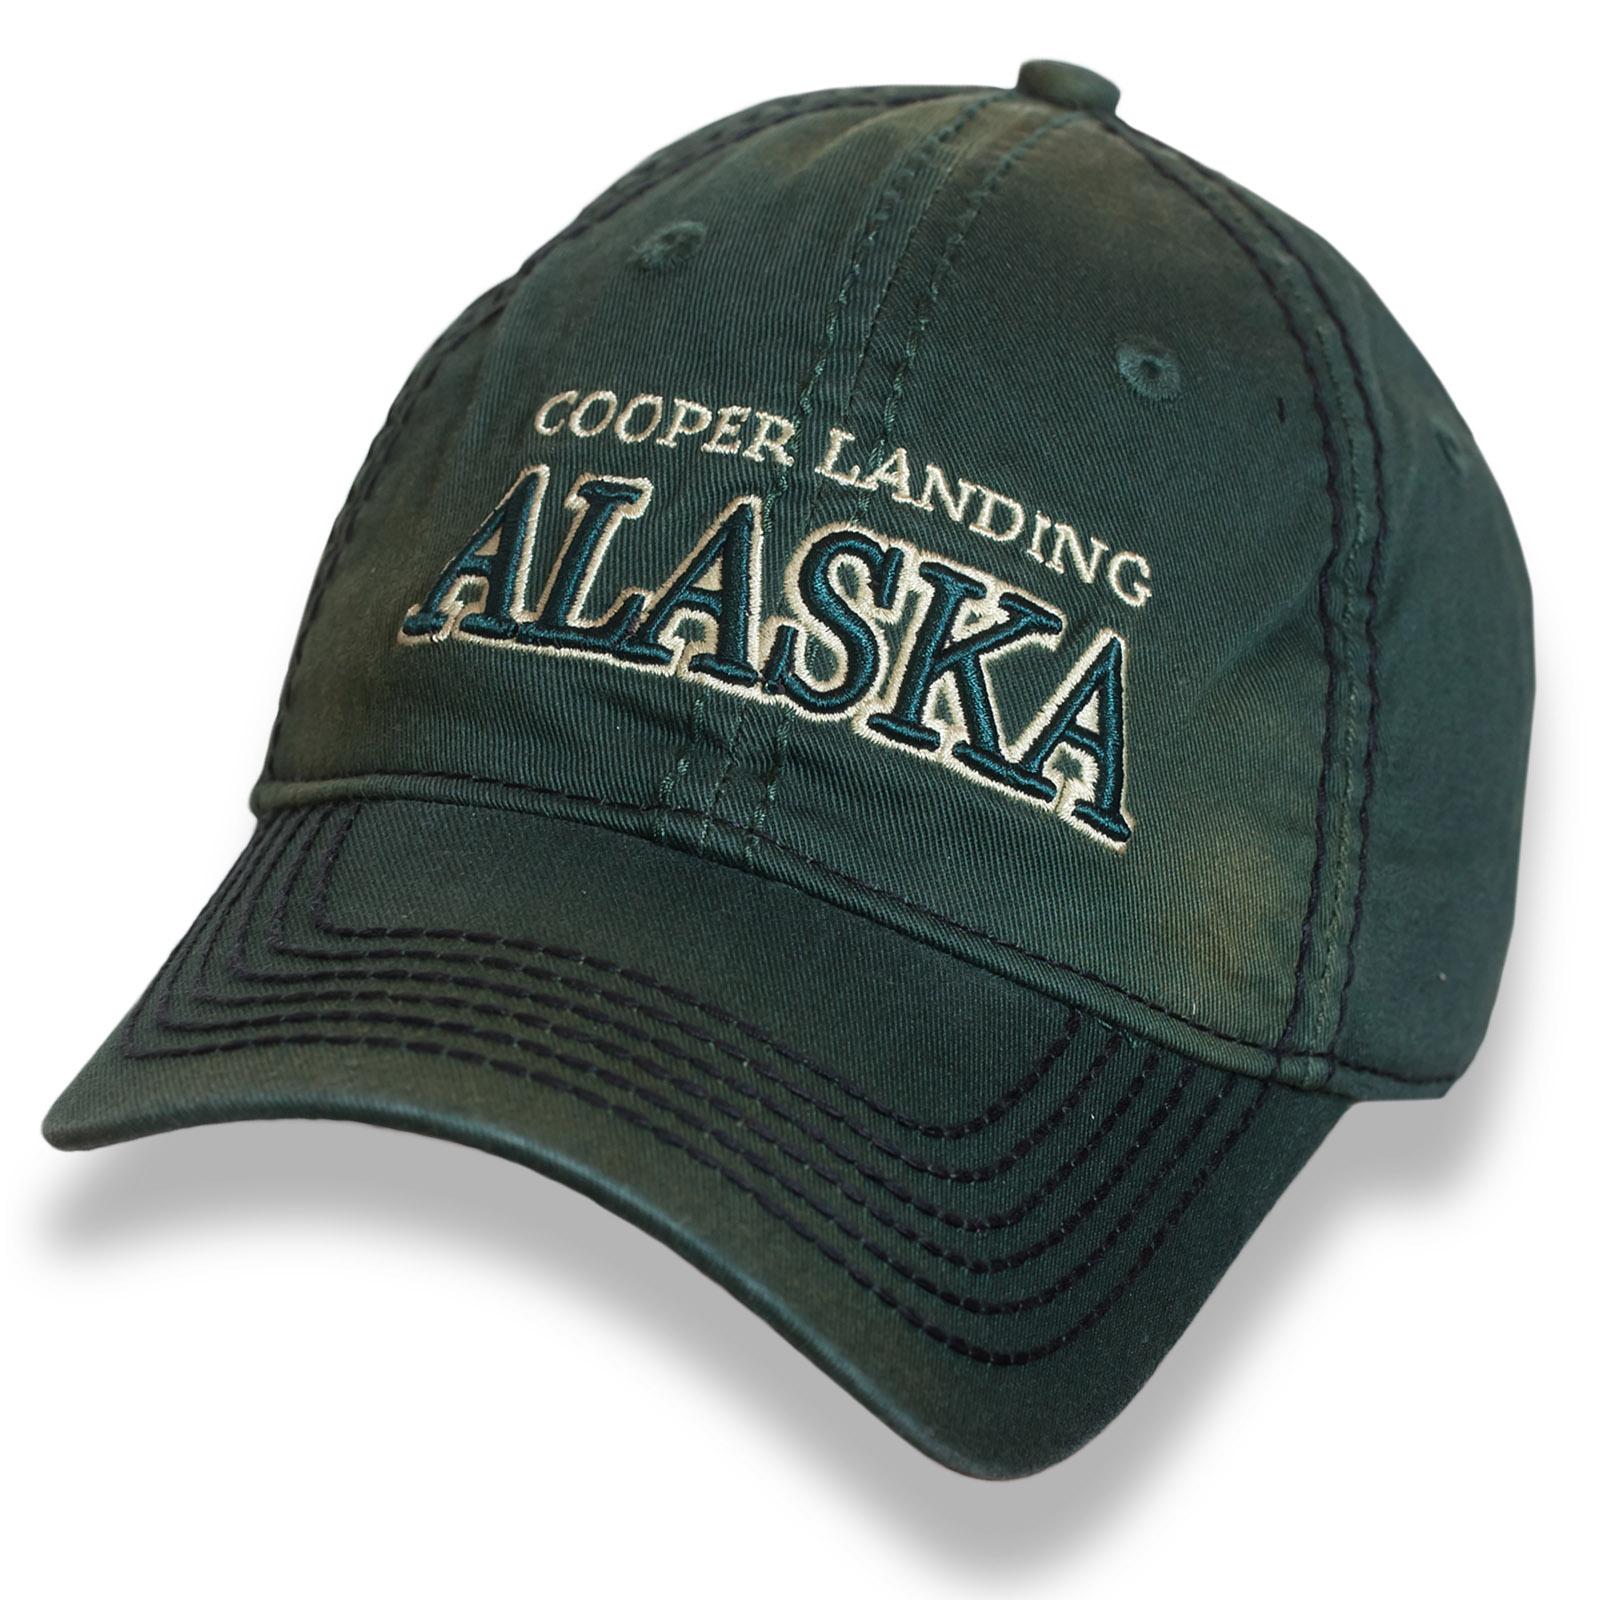 Темно-зеленая бейсболка Alaska с выпуклой вышивкой